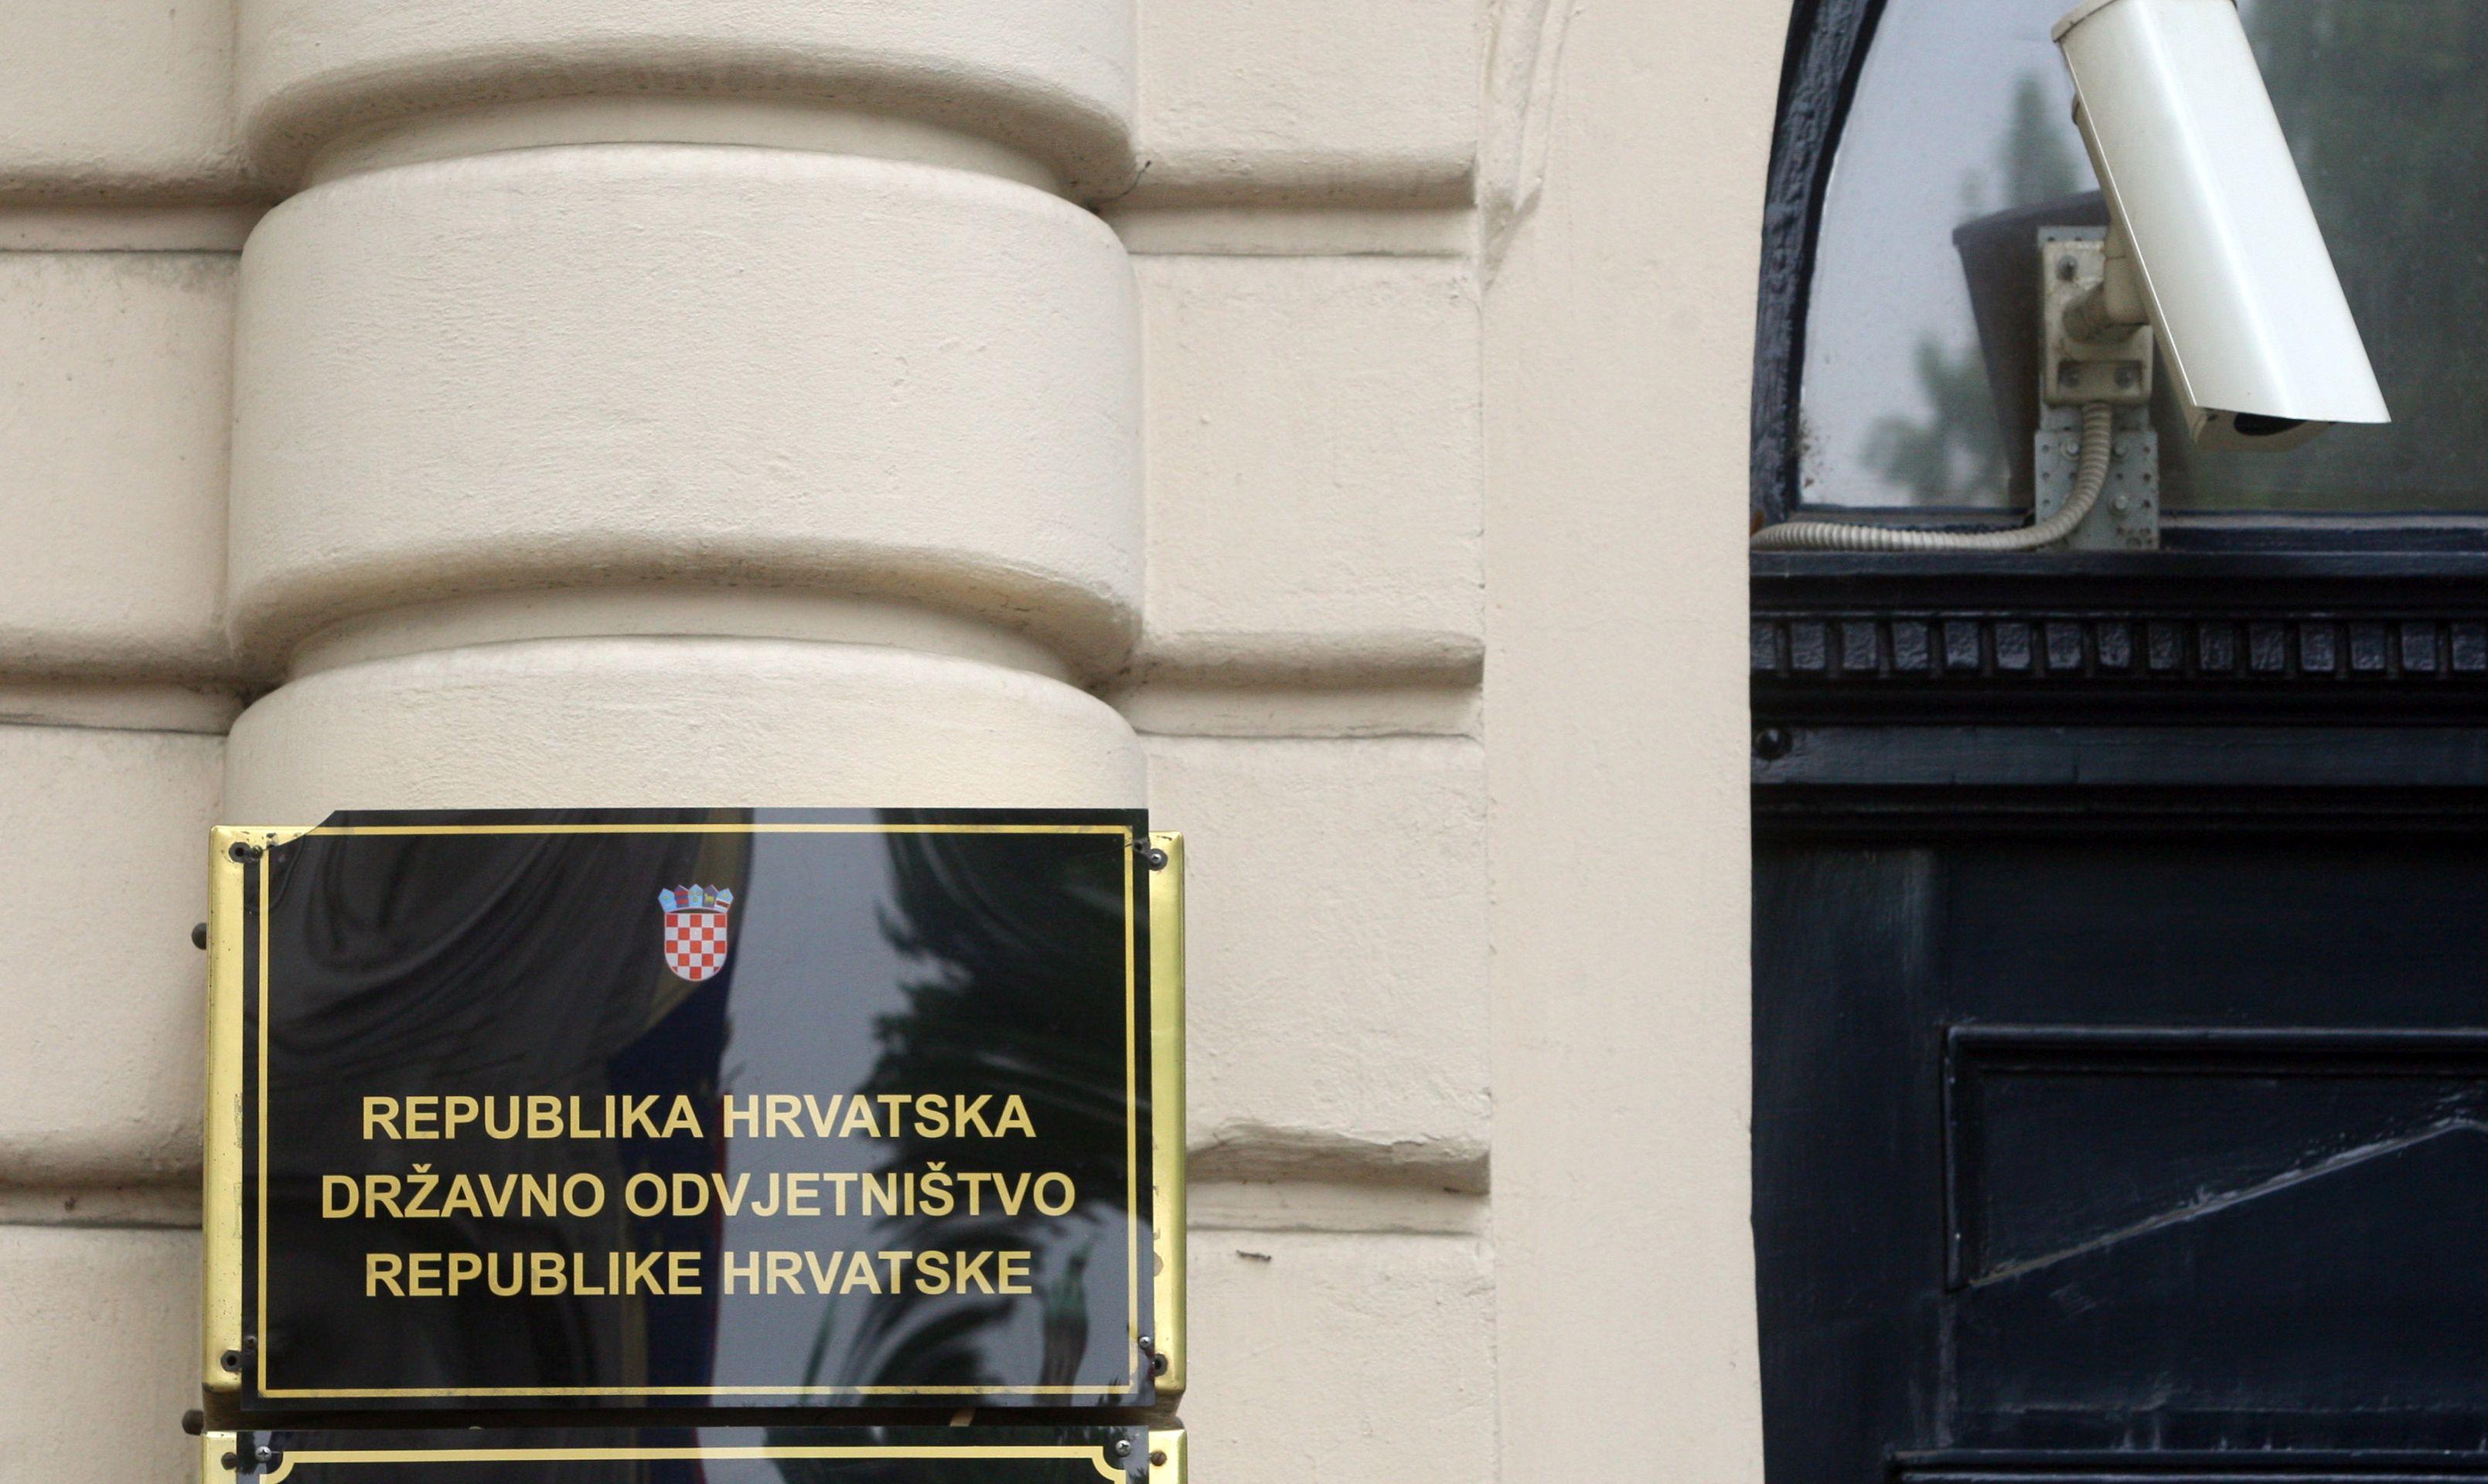 Zbog Orepićevih tvrdnji o utjecaju na policiju i DORH Slobodna Hrvatska kazneno prijavila Plenkovića